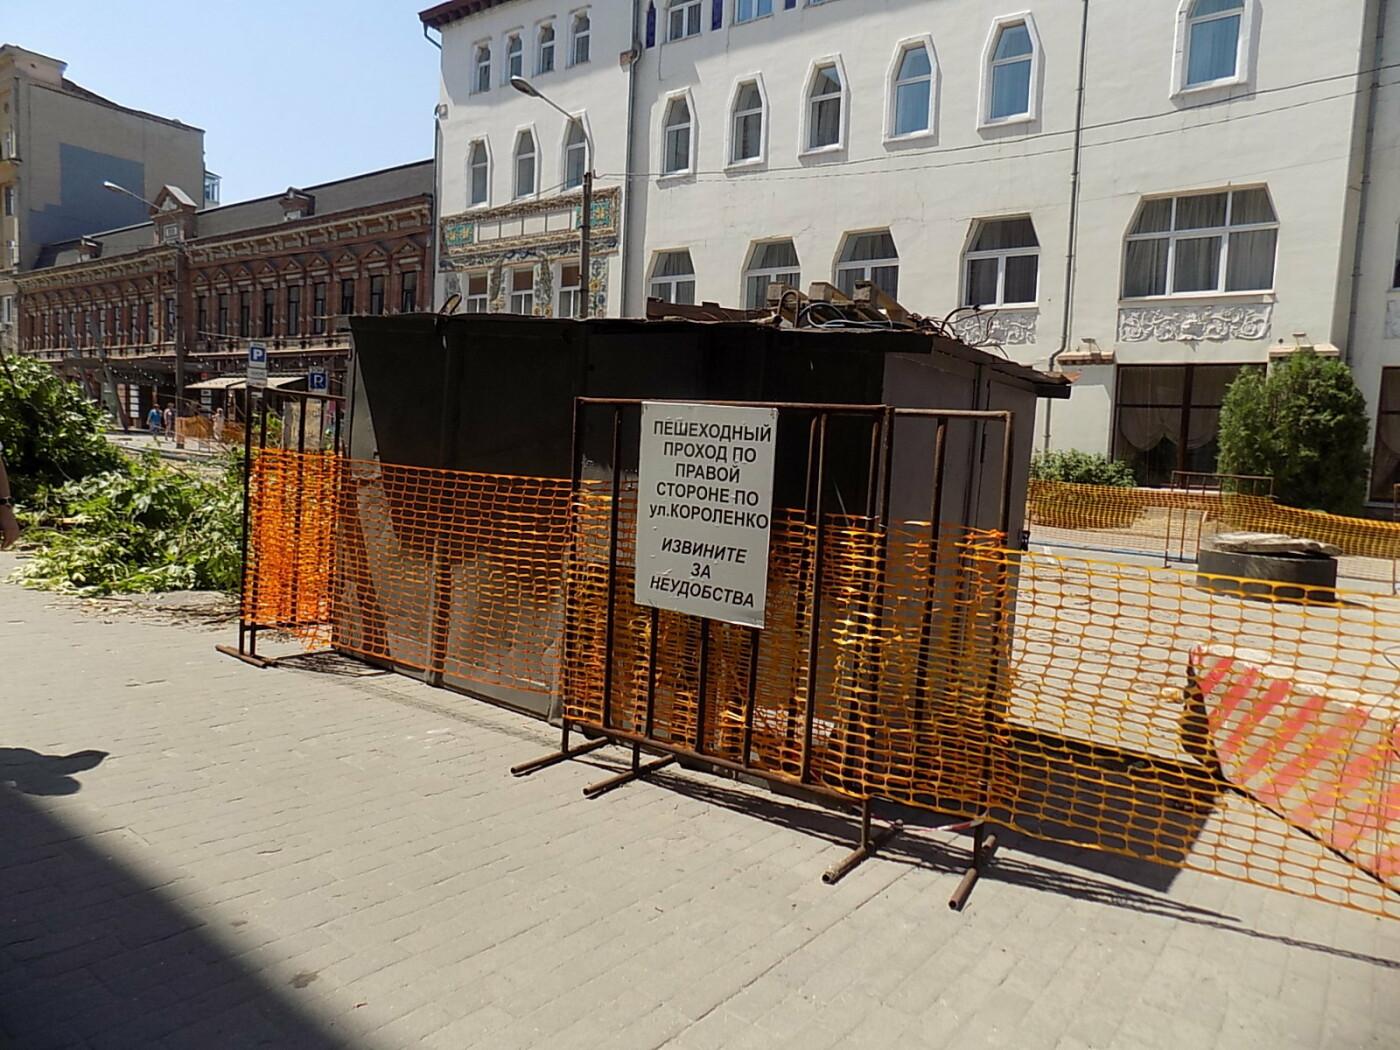 В Днепре провели «похороны» деревьев с Короленко: последние деревья срубили, пока город спал, - ФОТО, фото-6